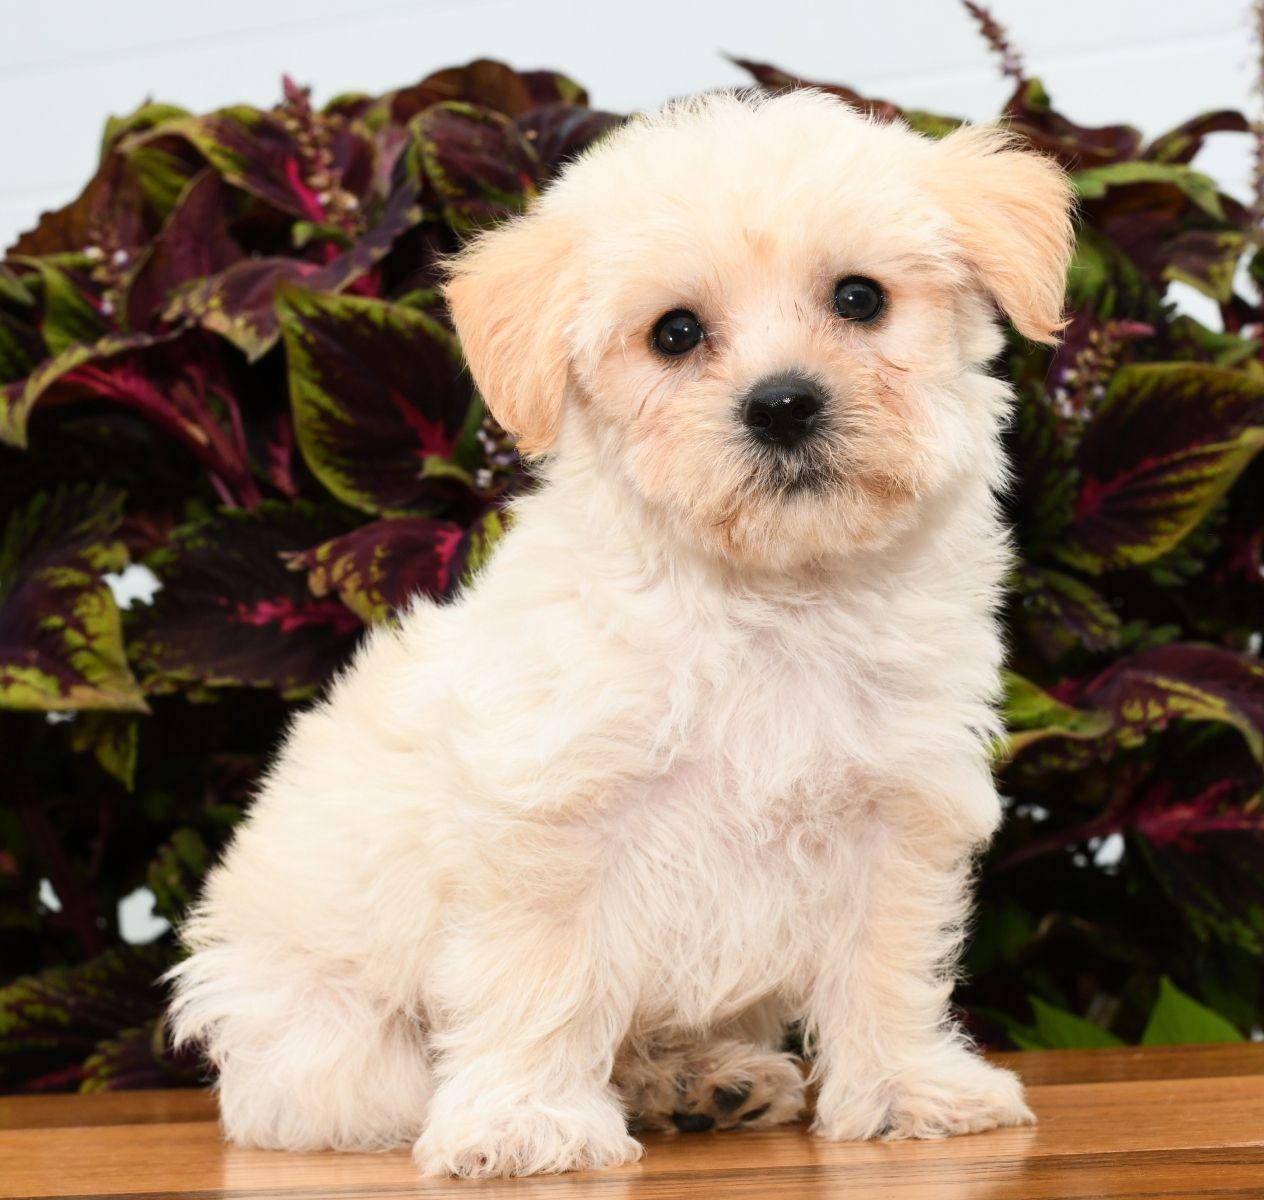 Puppies For Sale Dog Breeder Lancaster Puppies Puppy Adoption